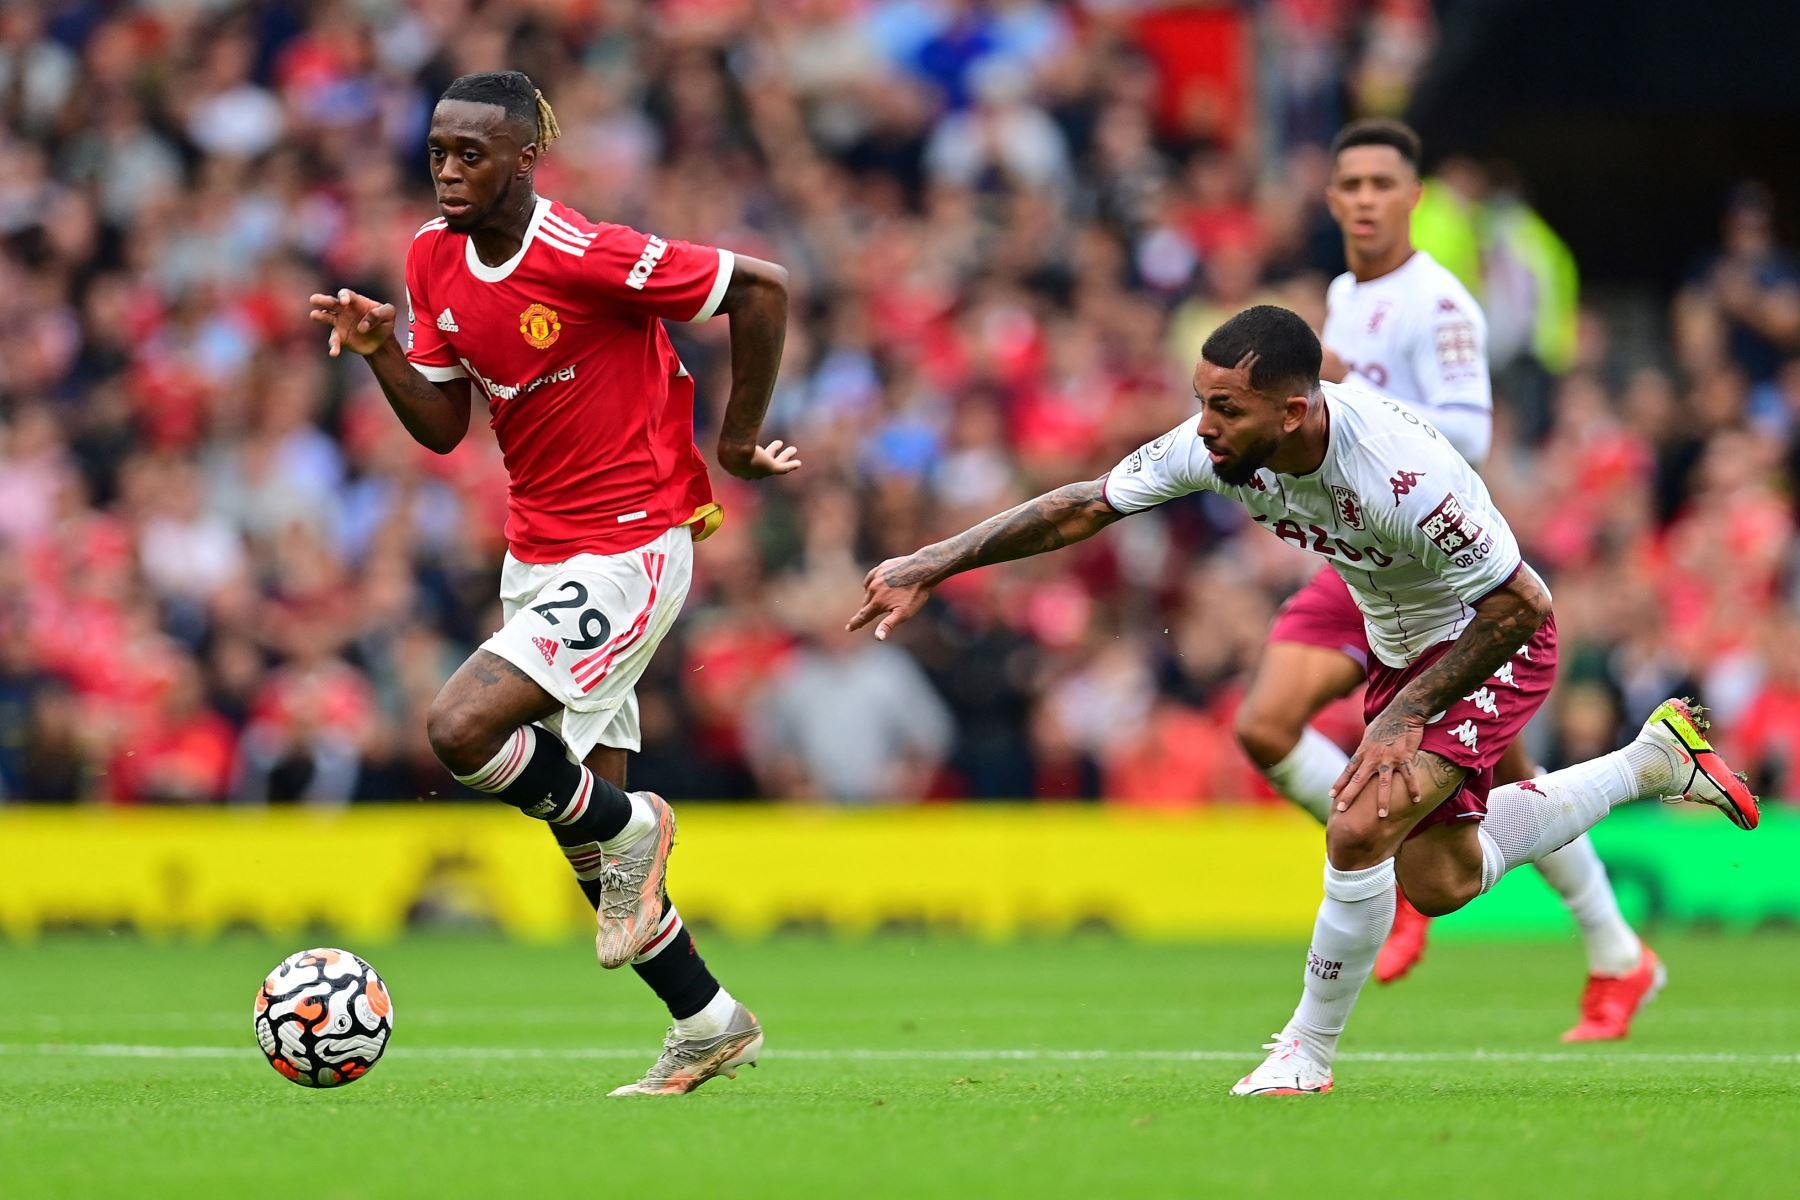 El defensor inglés del Manchester United Aaron Wan-Bissaka supera al mediocampista brasileño del Aston Villa Douglas Luiz durante el partido de fútbol de la Premier League inglesa entre el Manchester United y el Aston Villa. Foto: AFP